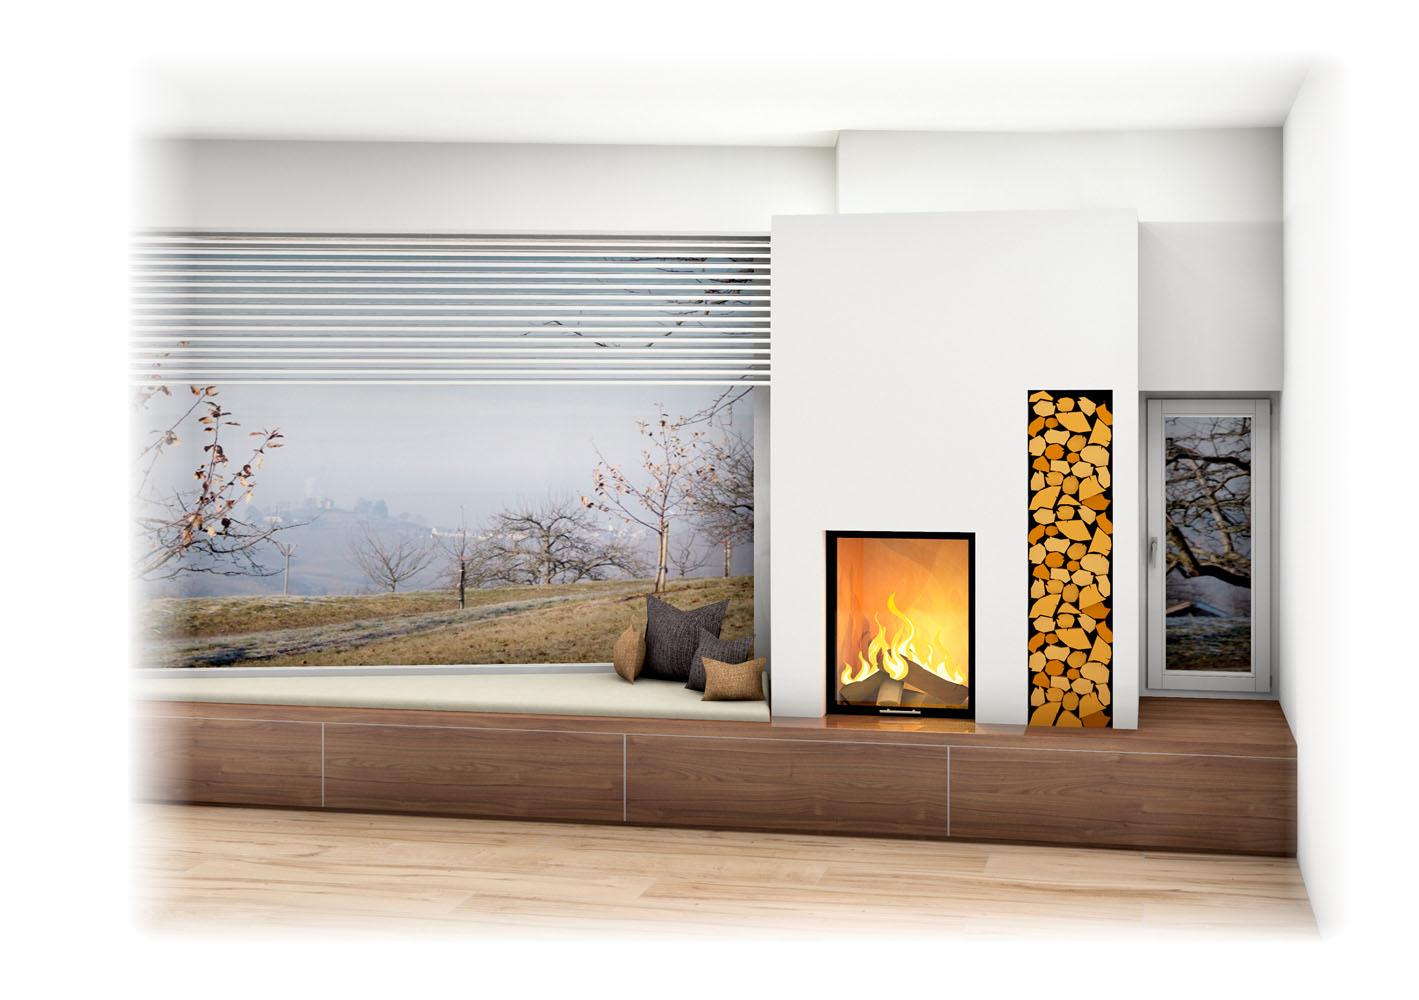 kachelofen modern mit liegeflche spielmann ehrwald hohes wohnzimmer mit und gemtlichem. Black Bedroom Furniture Sets. Home Design Ideas